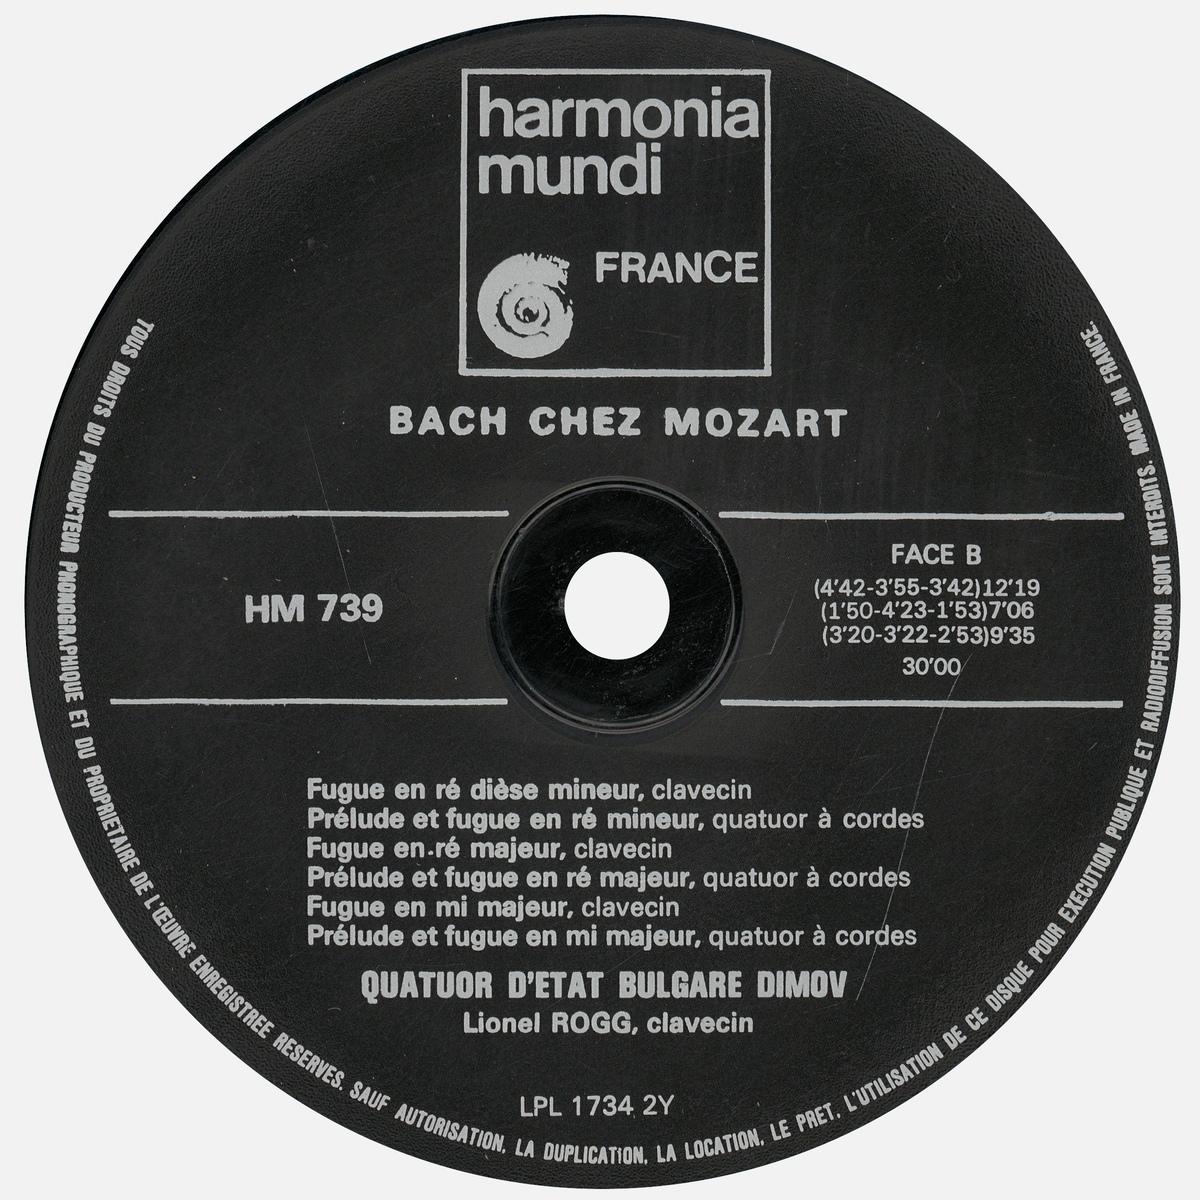 Étiquette verso du disque Harmonia Mundi HM 739, Cliquer sur la photo pour une vue agrandie